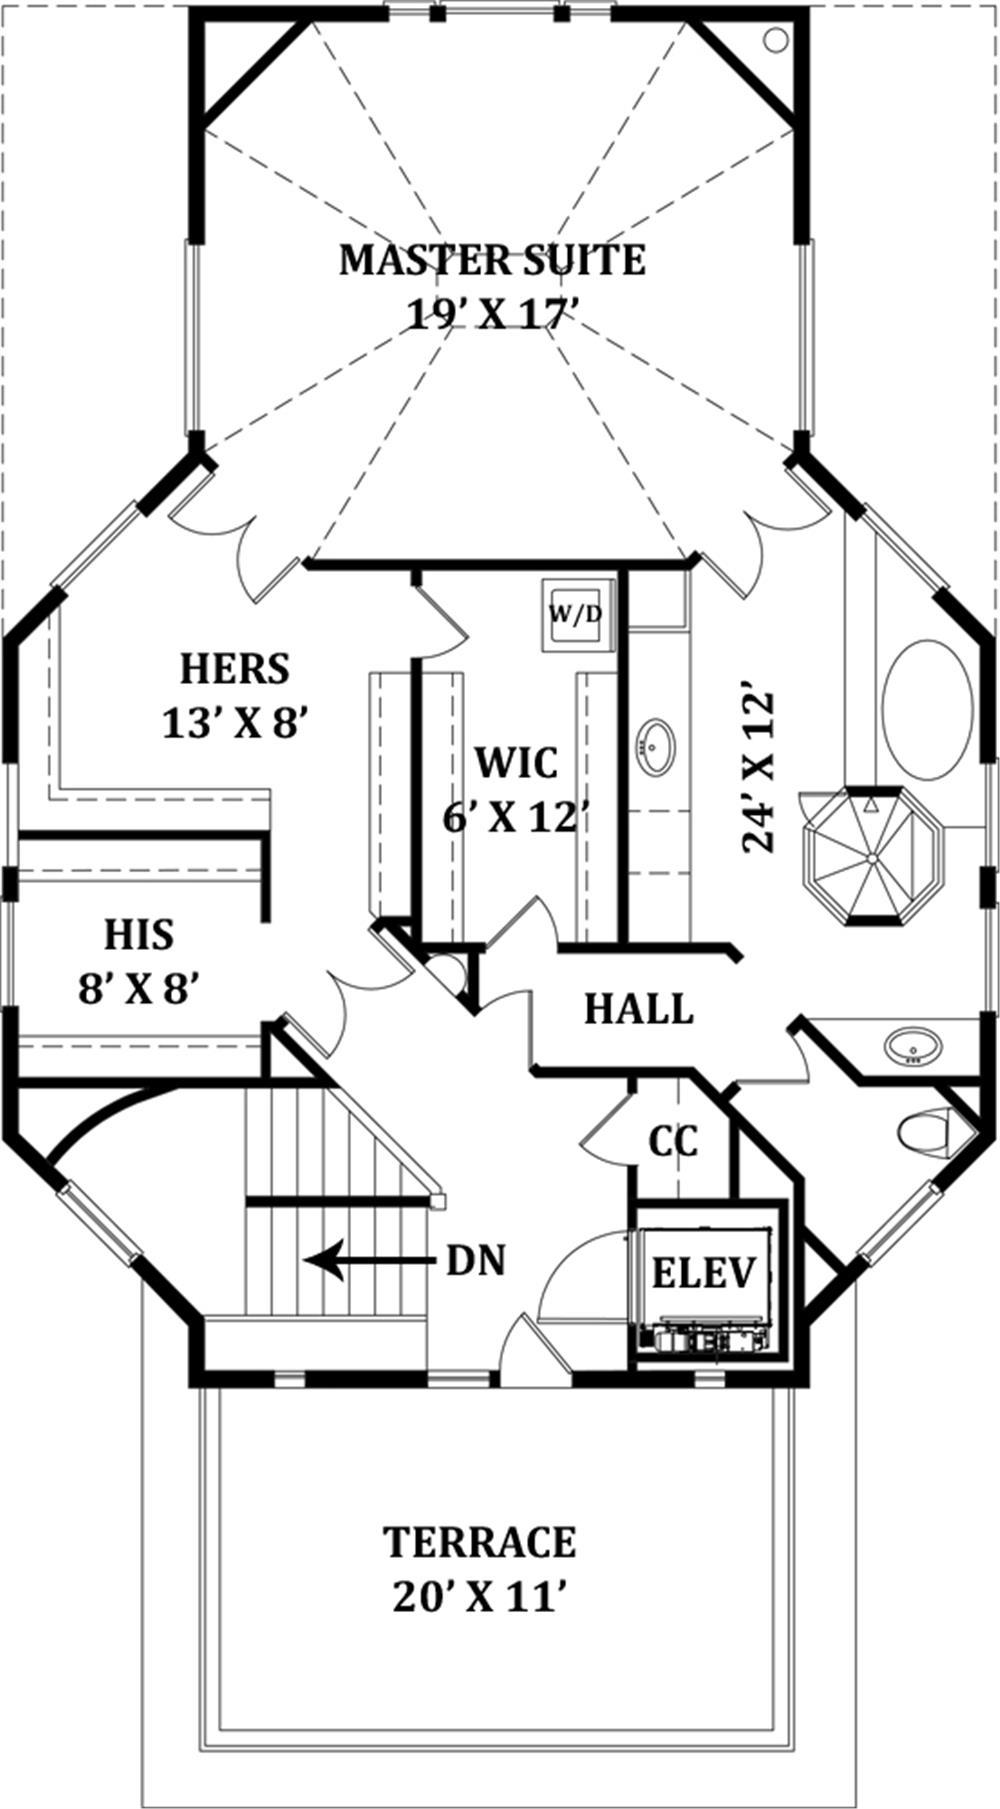 106-1014 third floor